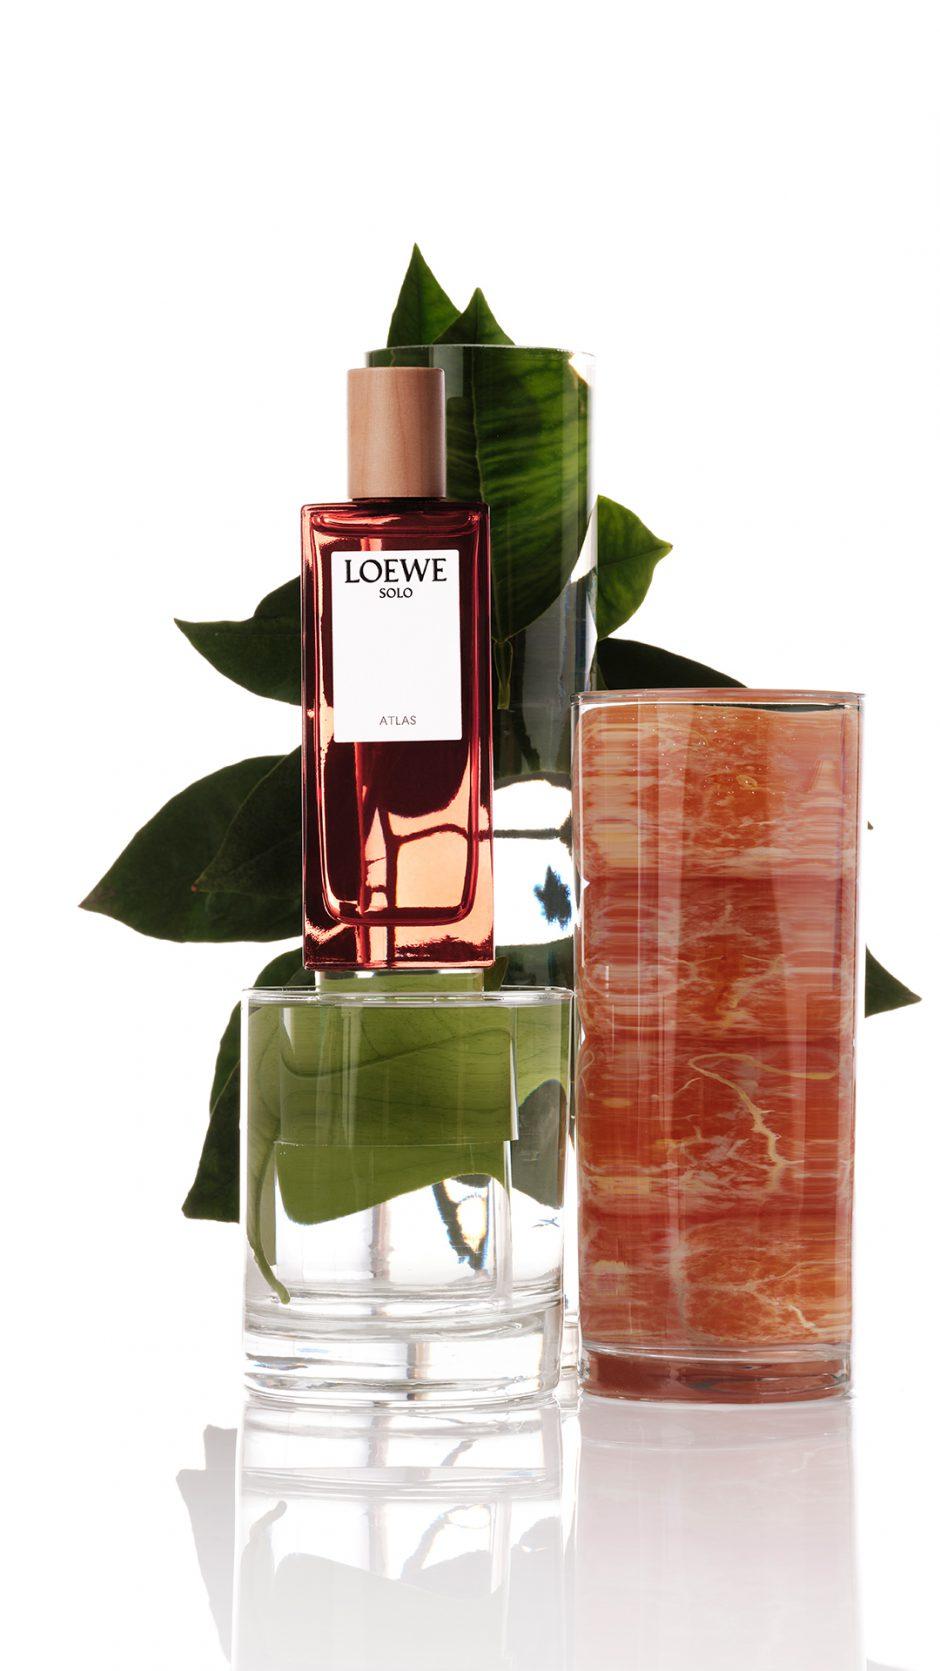 ¿Cómo elegimos un perfume? LOEWE SOLO nos da las claves